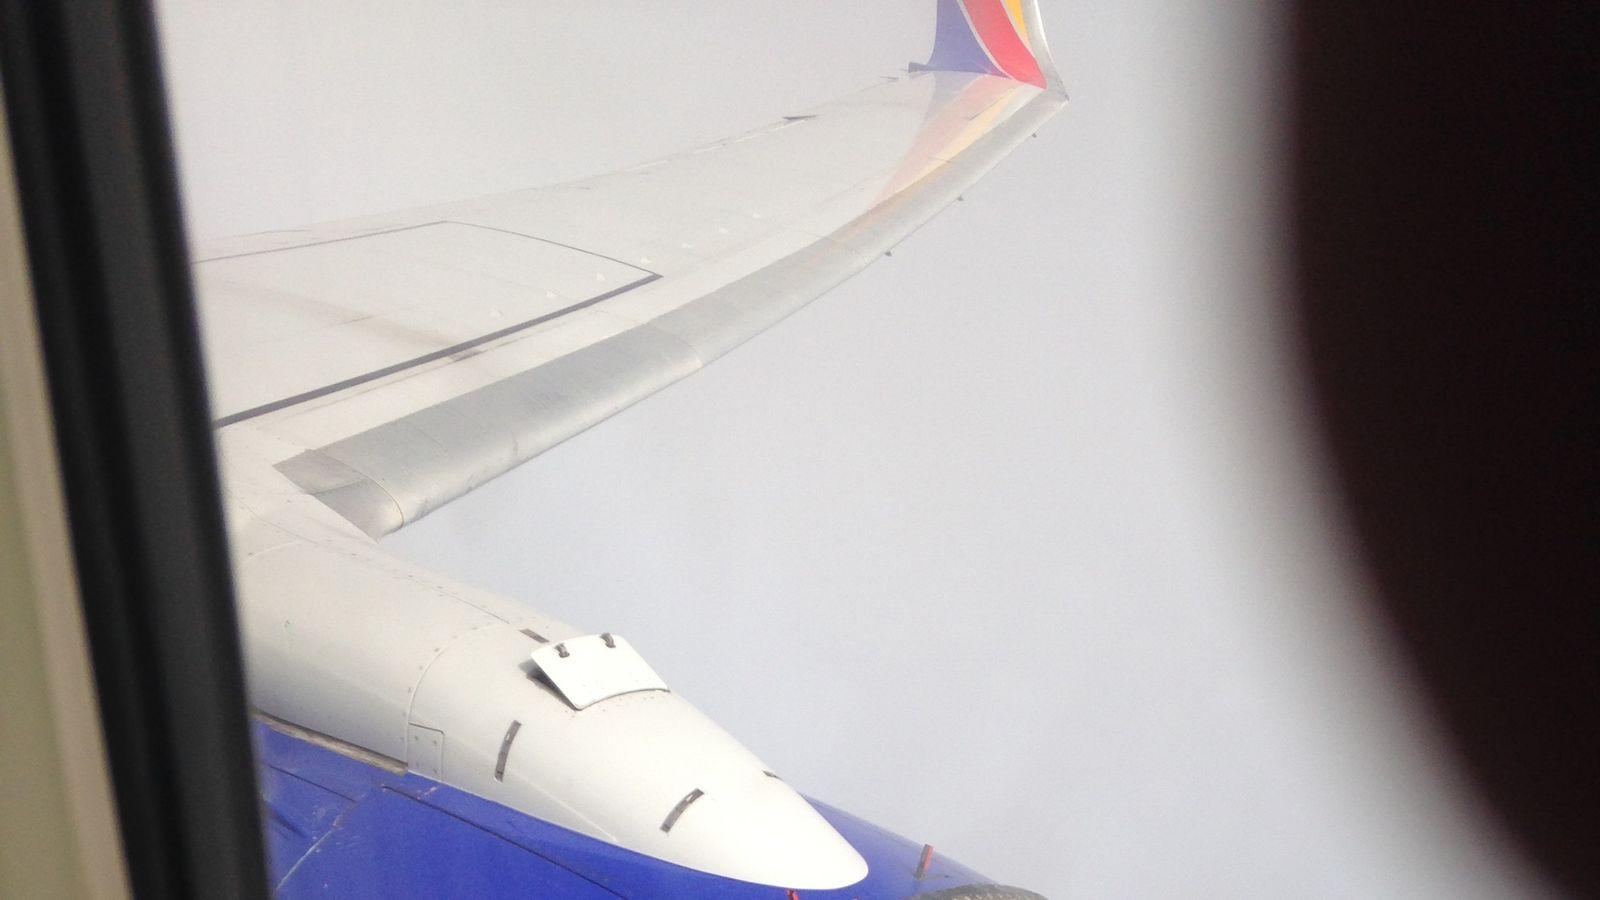 Если в турбину самолета попадет птица что будет